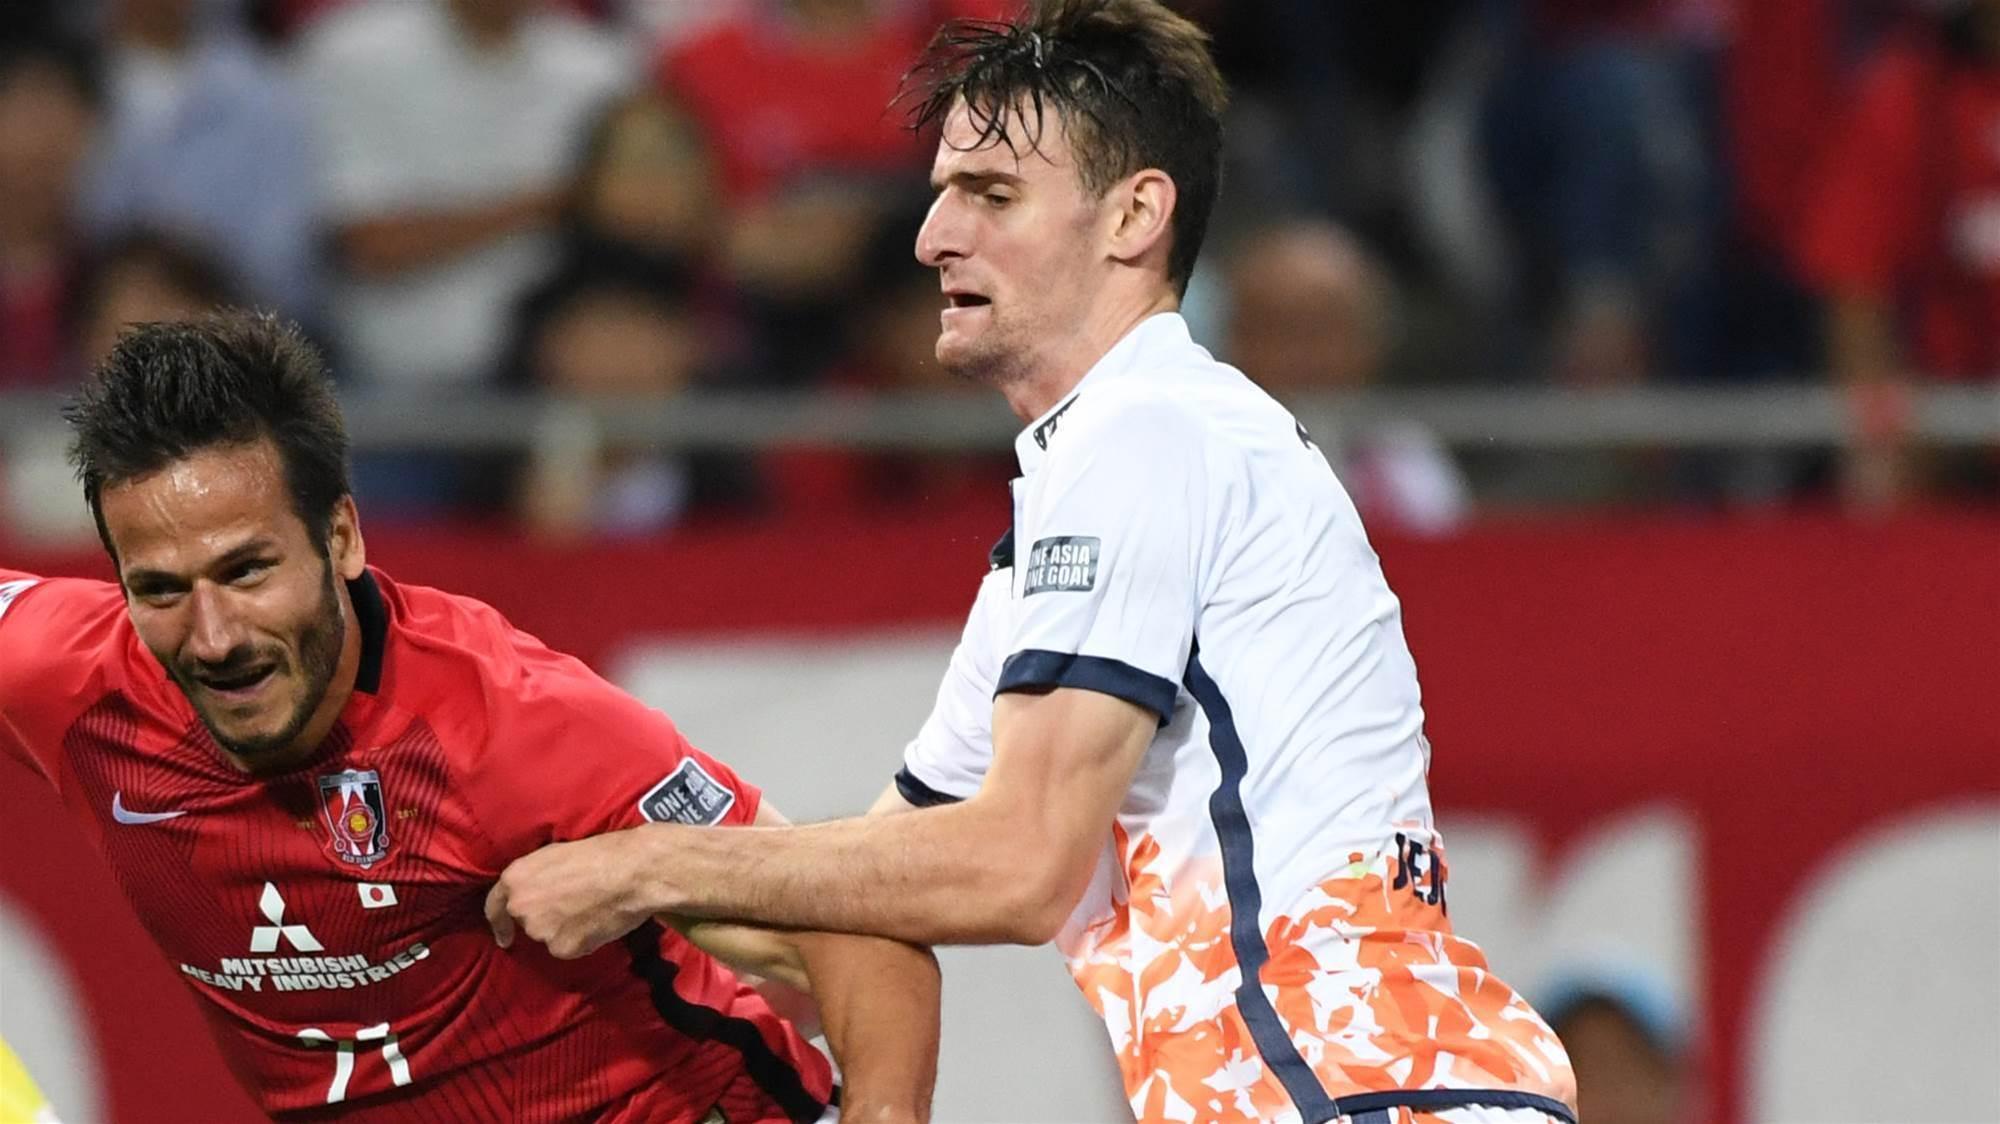 WATCH: Aussie defender scores from inside his own half